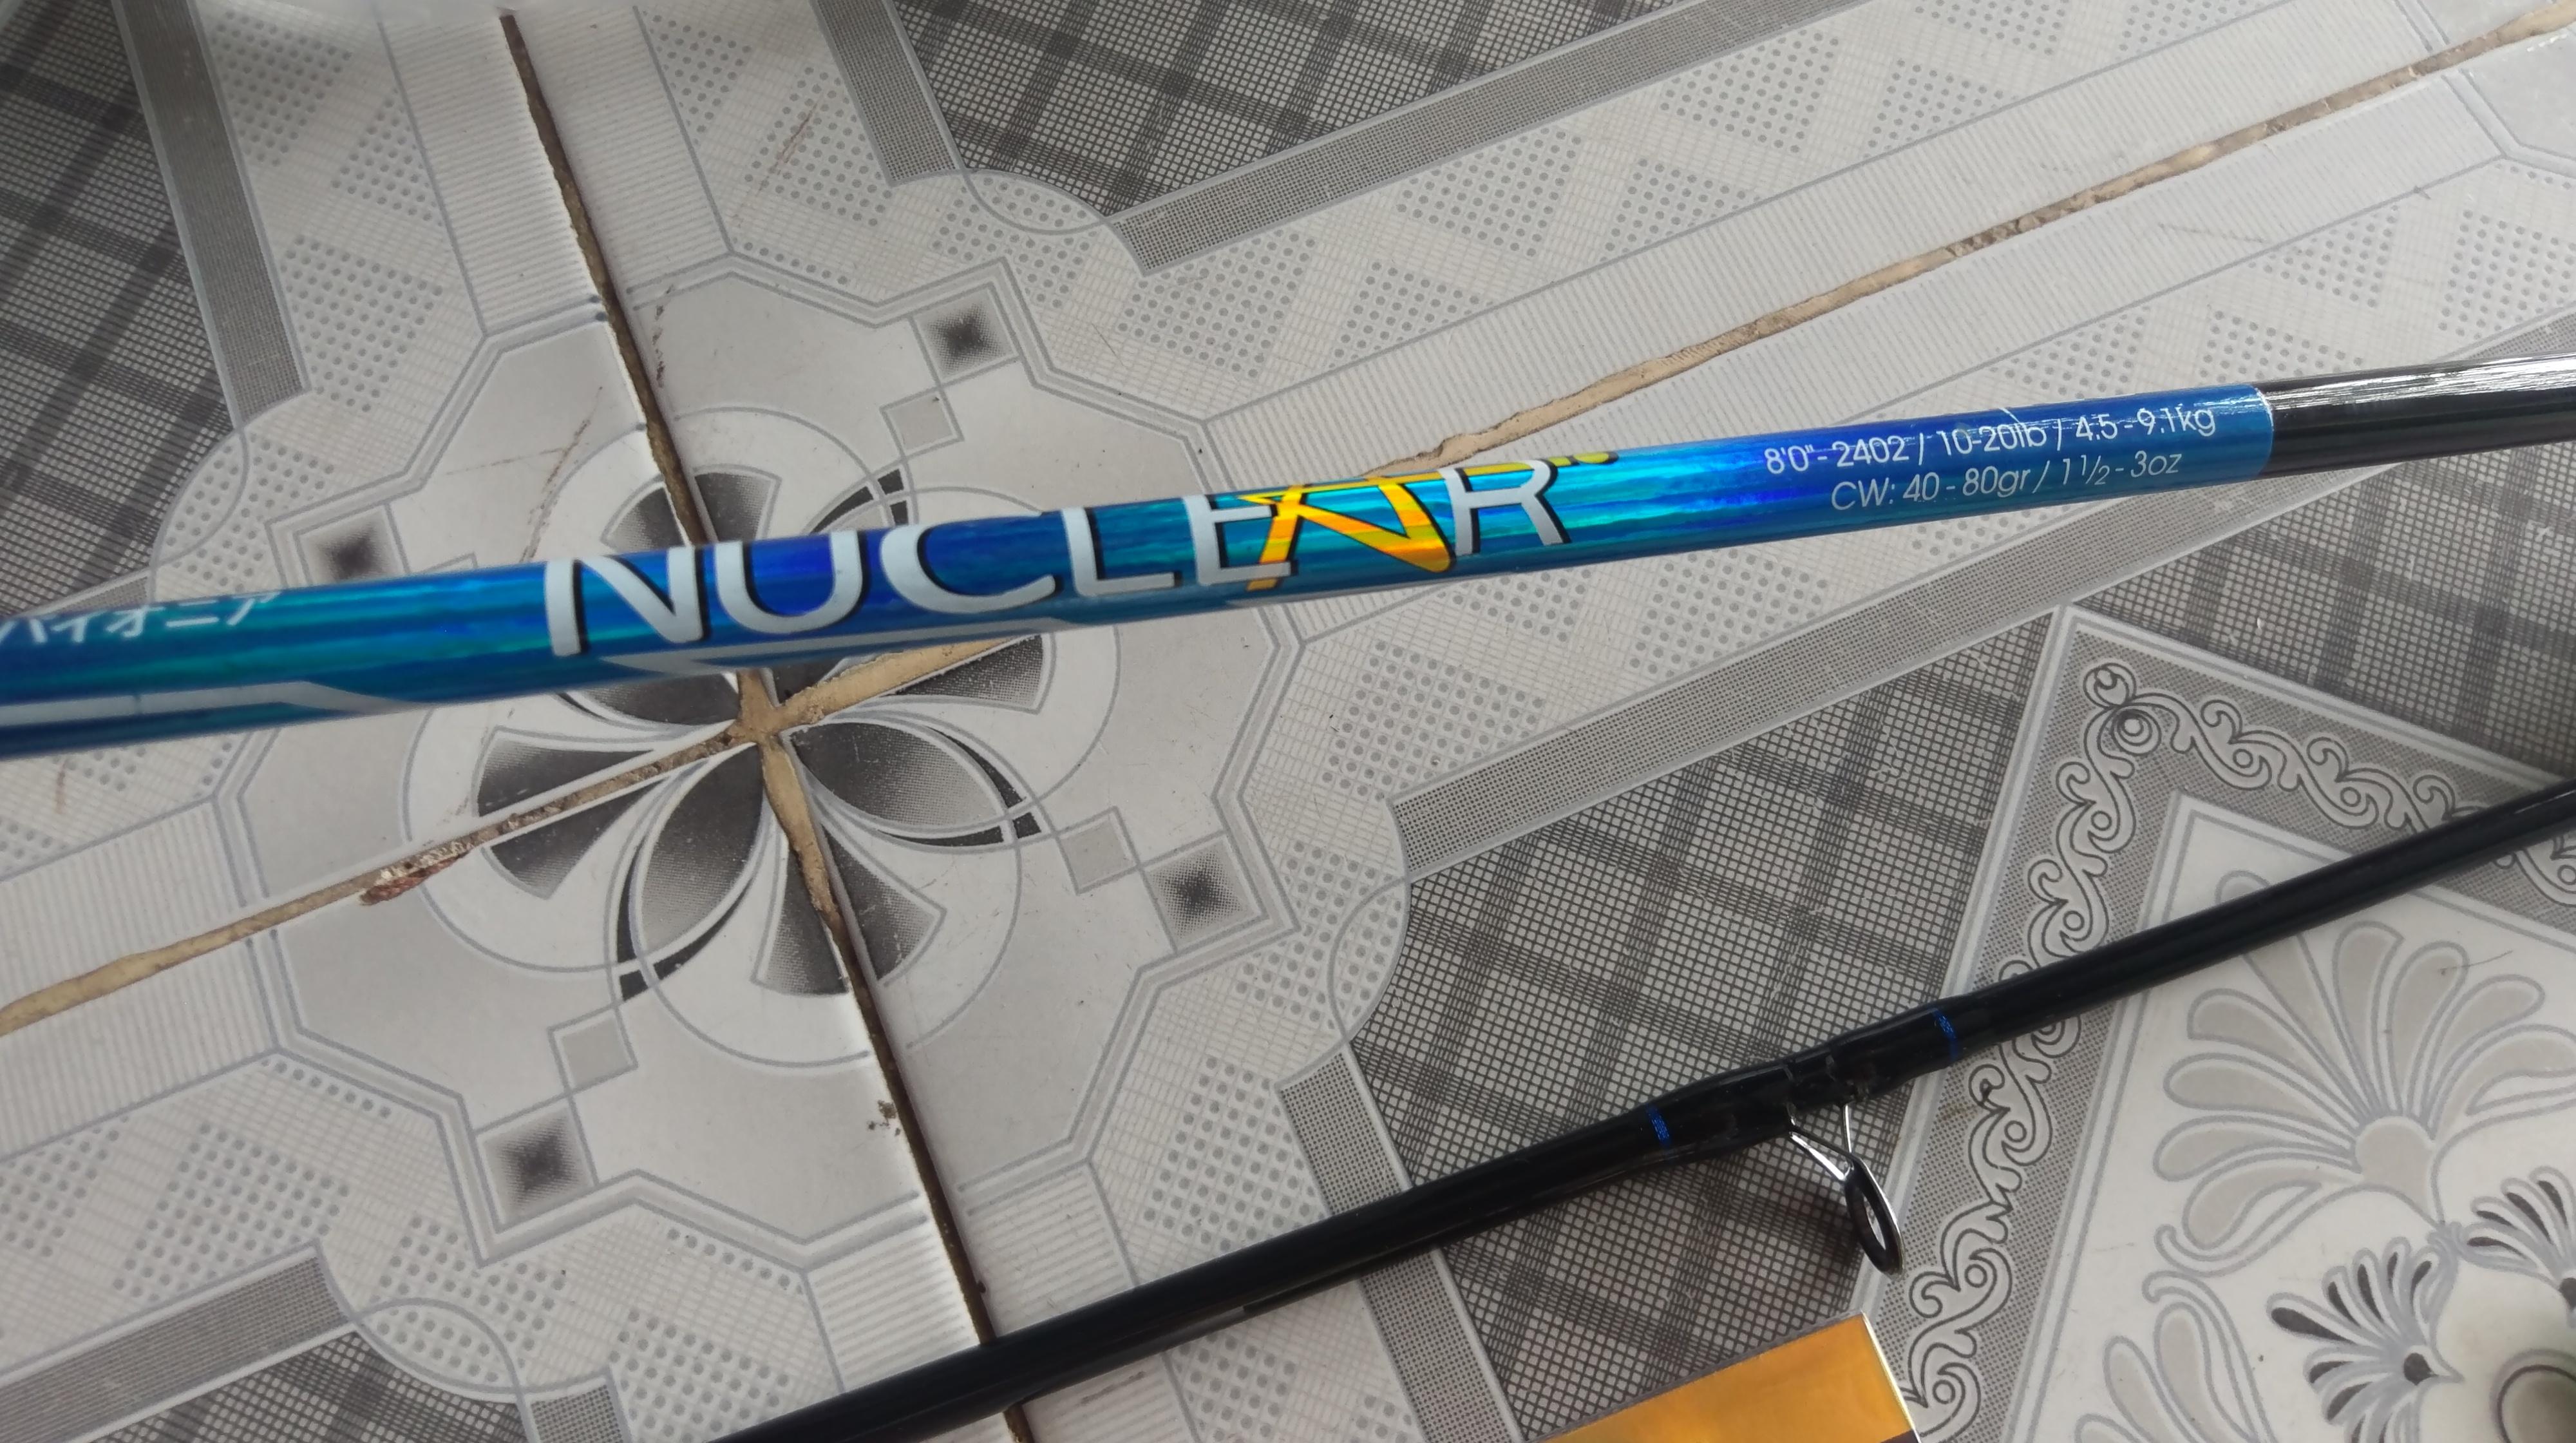 Combo bạo lực cần Pioneer Nuclear & máy Yolo BC6000 kèm phụ kiện